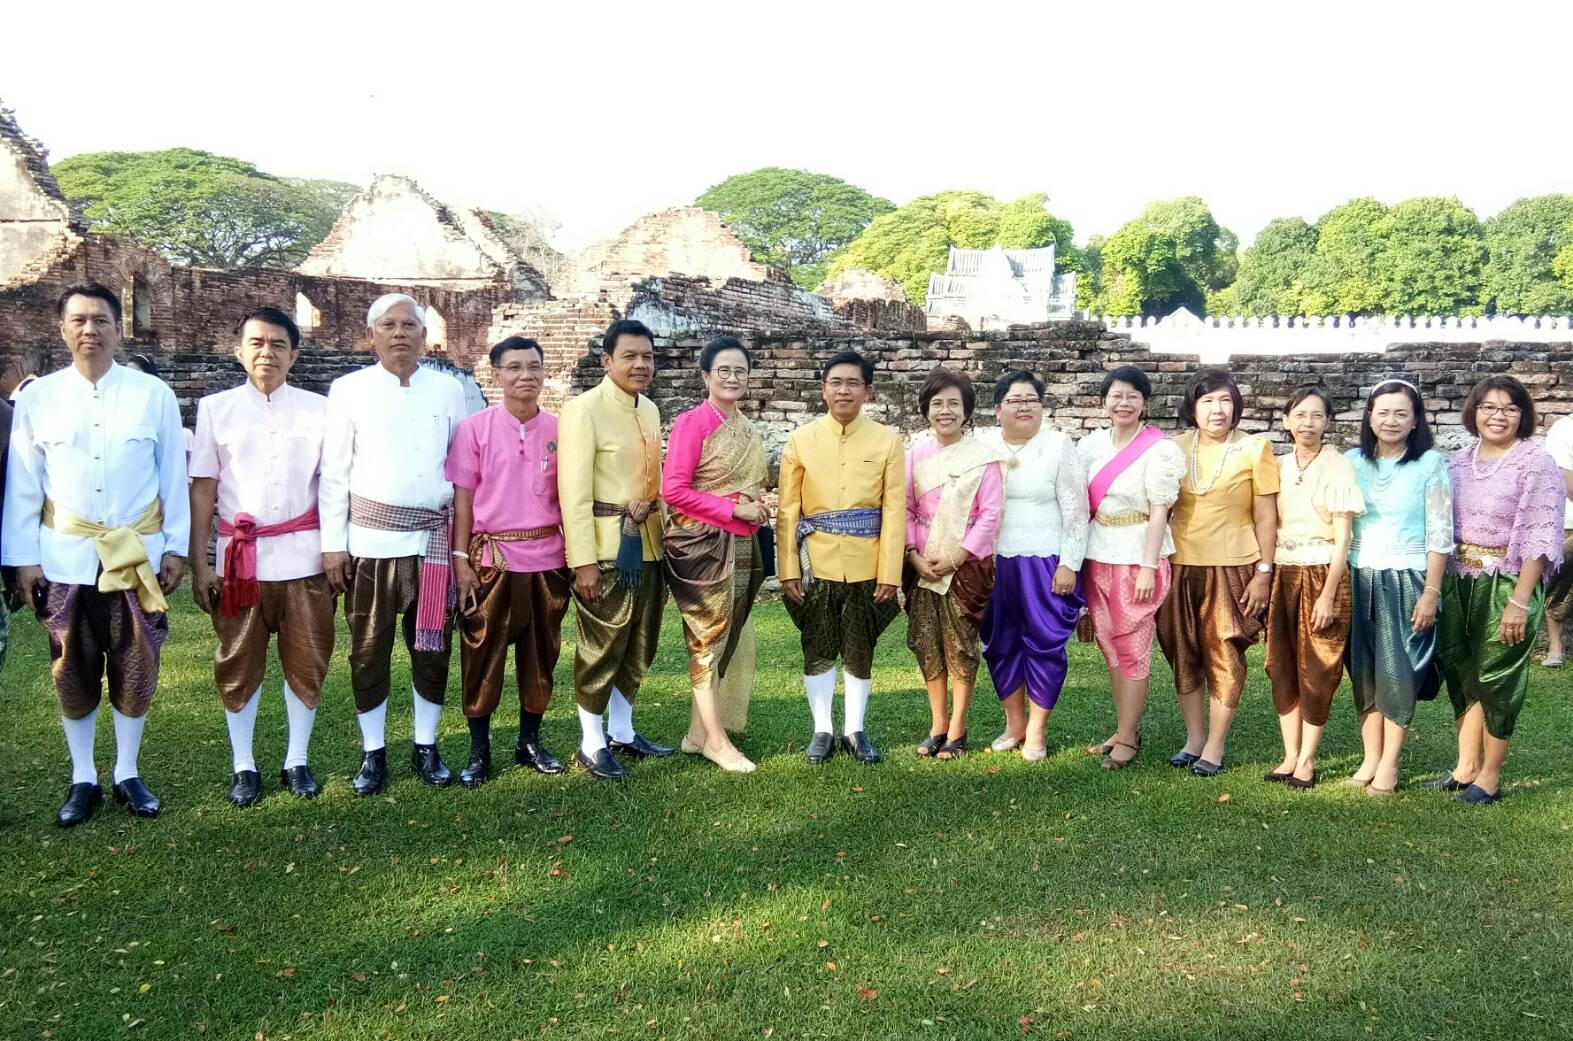 ร่วมกิจกรรมประชาสัมพันธ์แต่งไทย (เคาะประตู) งานแผ่นดินสมเด็จพระนารายณ์หมหาราช